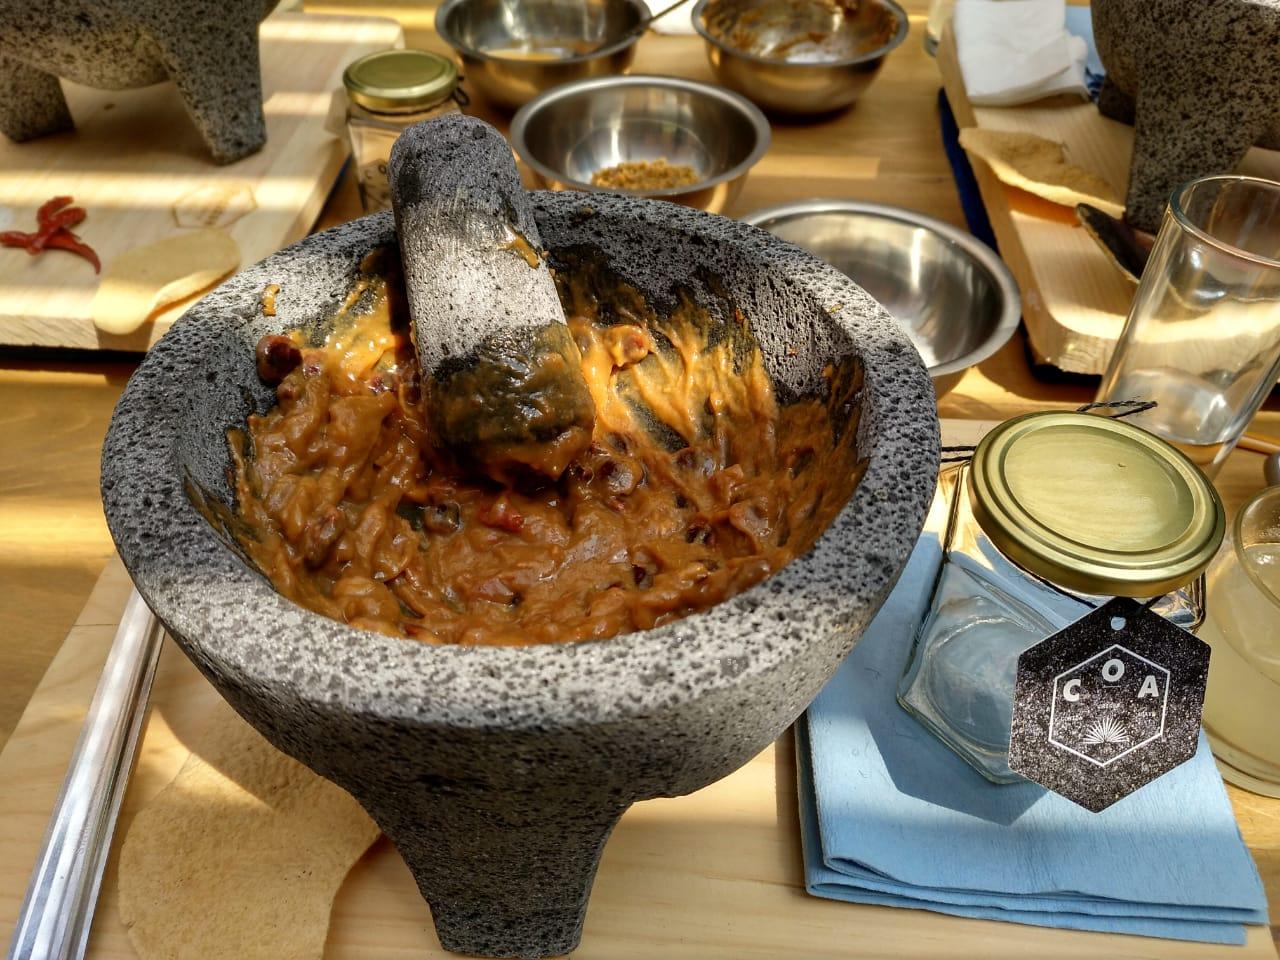 Chilmole hecho en molcajete / Foto: Shantal Romero